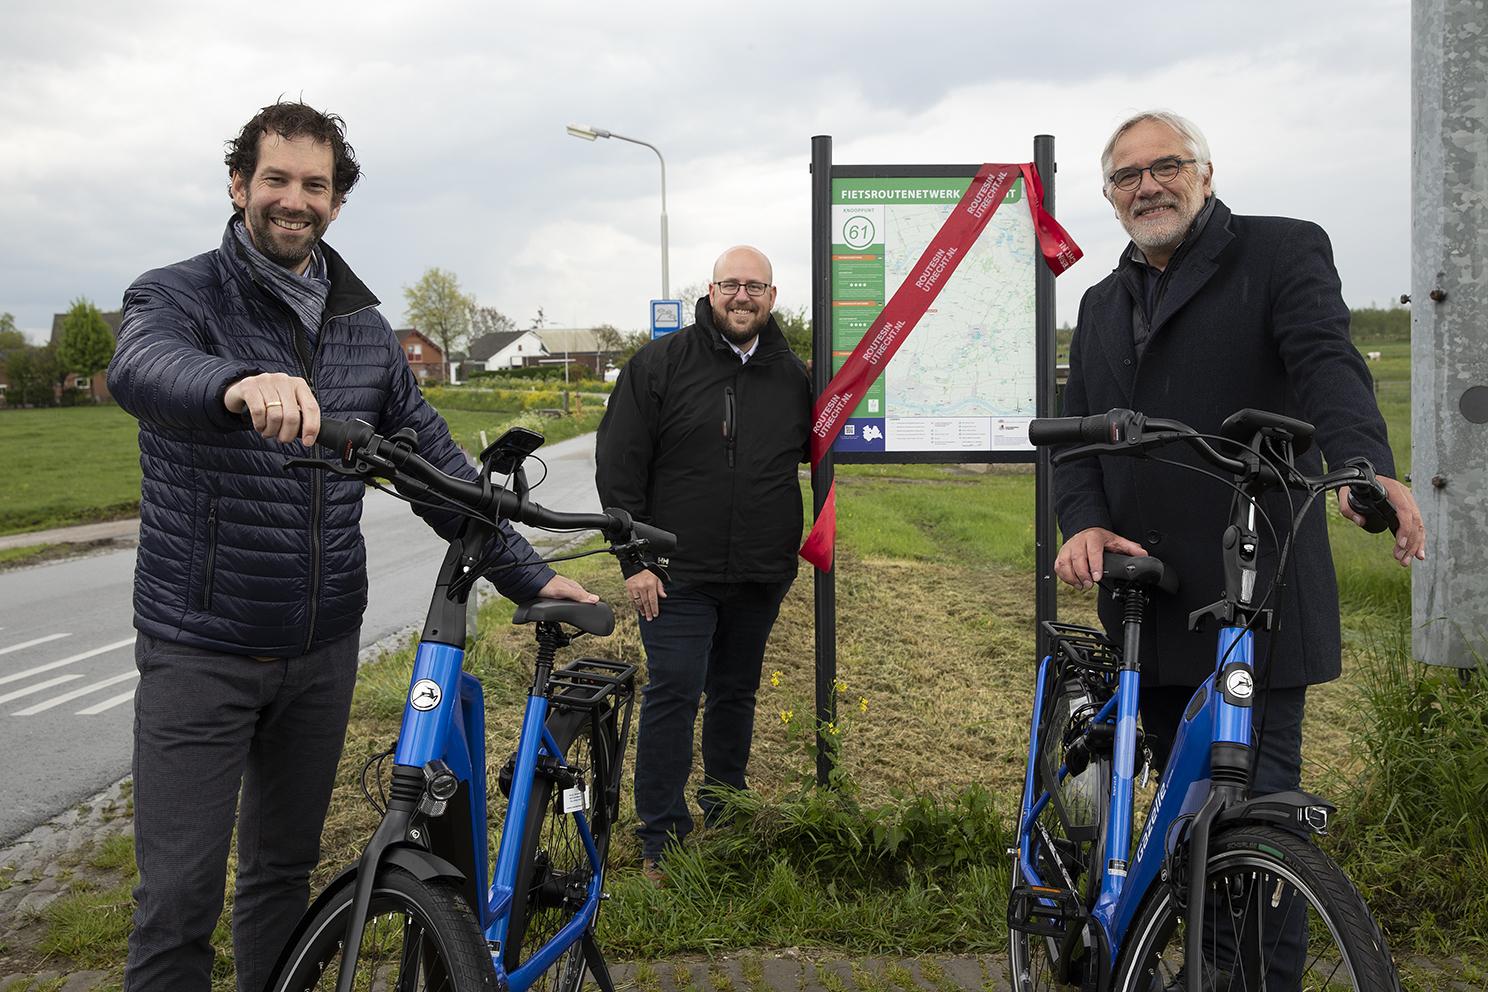 gedeputeerde en wethouder heropenen het fietsroutenetwerk Vijfheerenlanden